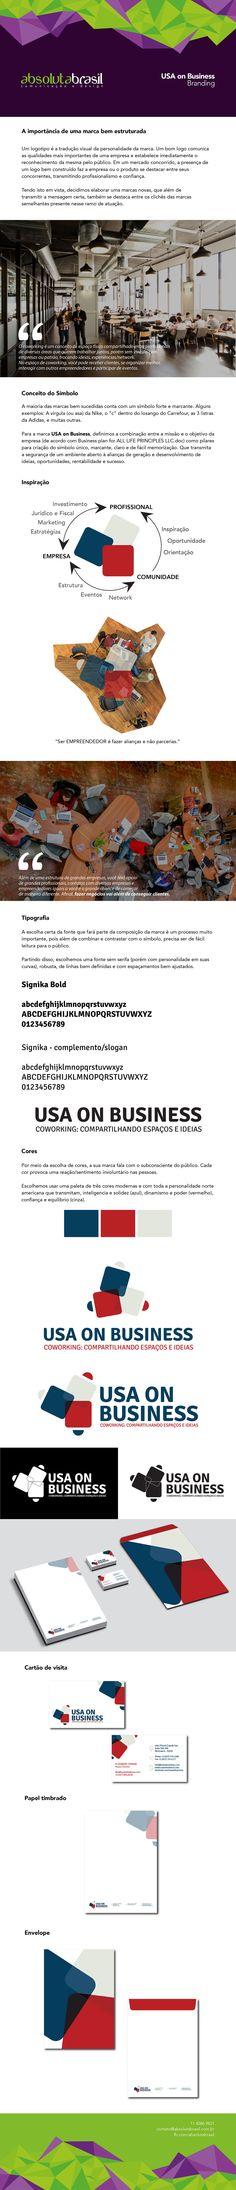 """Desenvolvimento do Branding (posicionamento, atributos, identidade e valor) para """"Usa On Business"""" - Empresa de coworking localizada em Orlando/Flórida - USA. Este material contém Logotipo e Papelaria."""